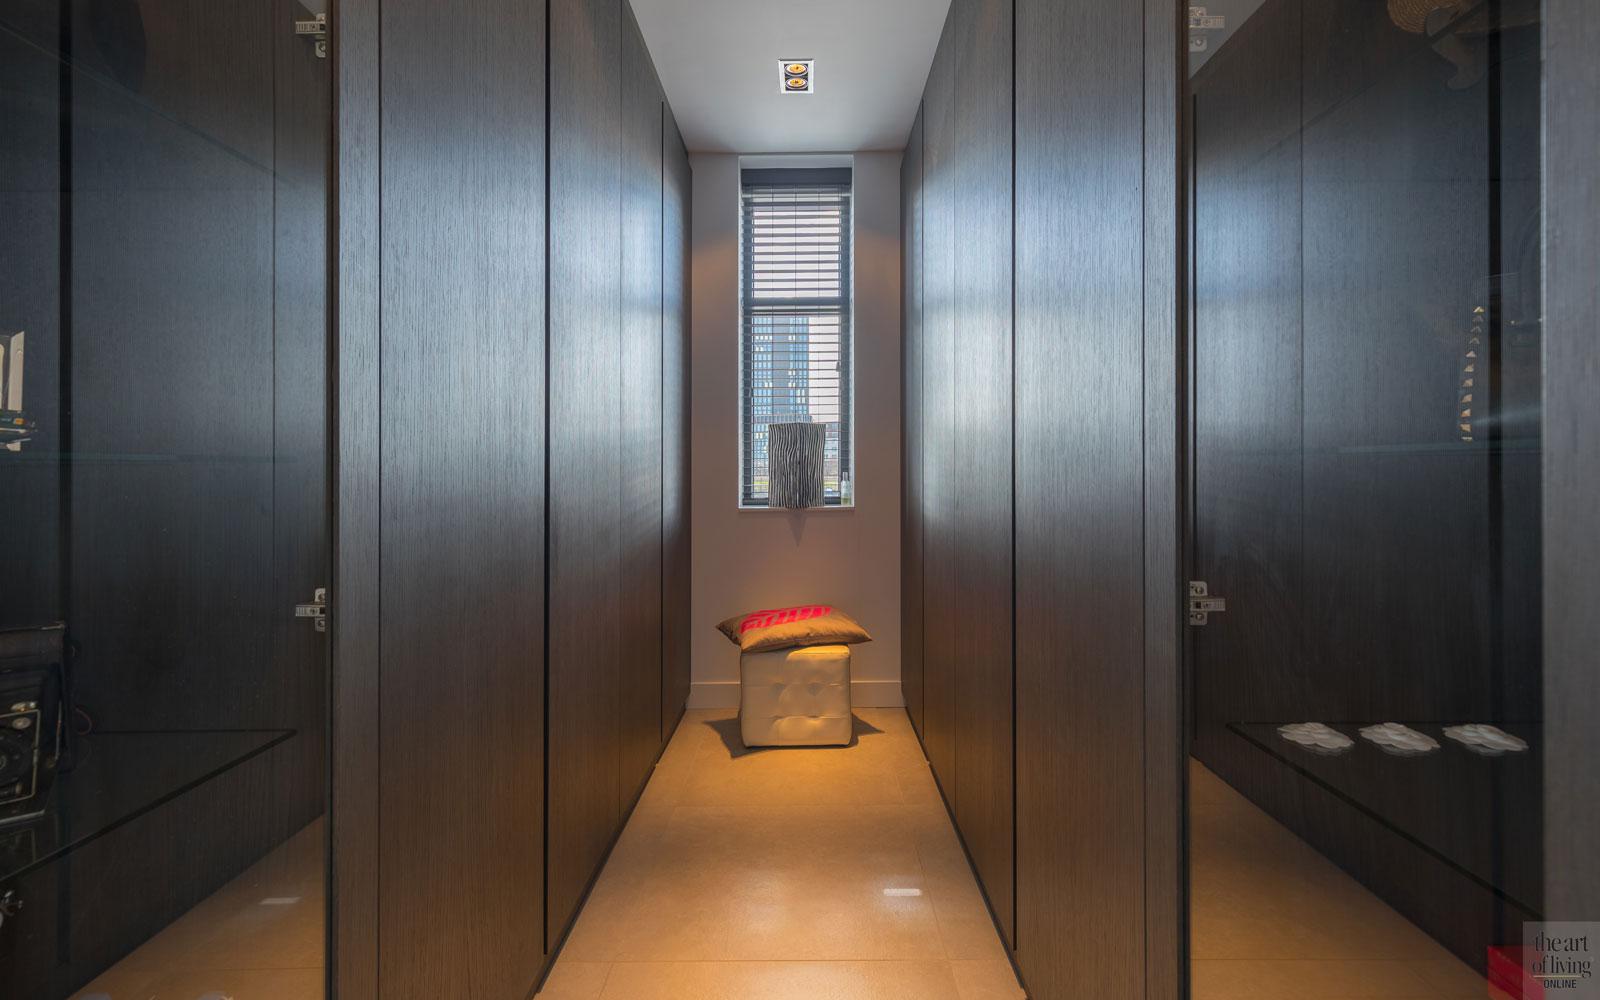 Inloopkast, walk-in closet, kabaz, C. van der Grift, Strakke tweekapper